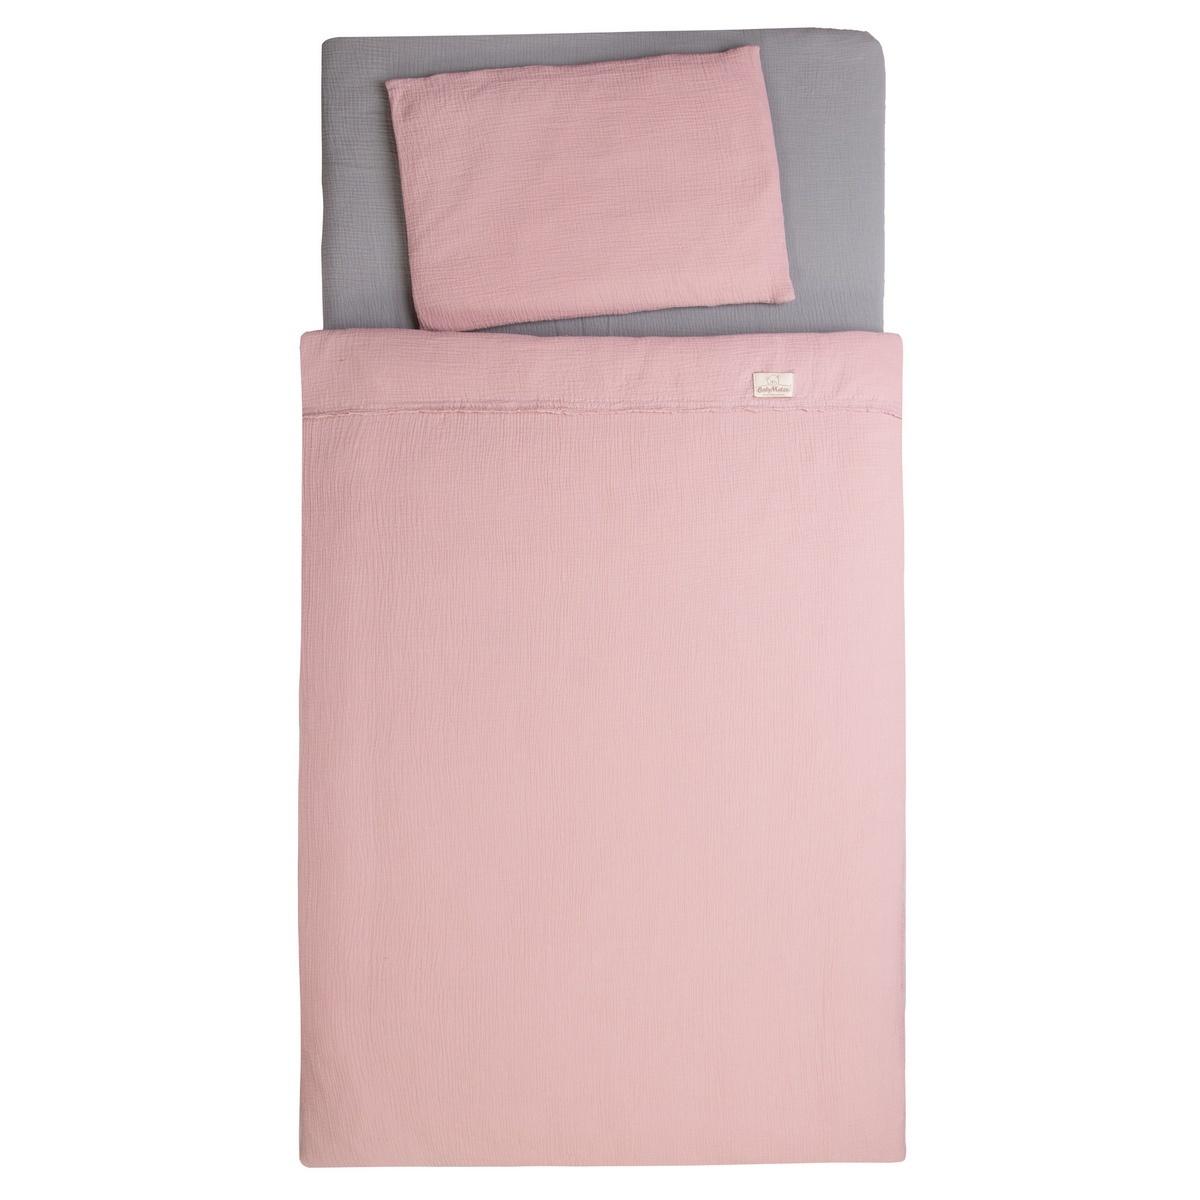 Babymatex Bavlnené obliečky do postieľky ružová, 100 x 135 cm, 40 x 60 cm